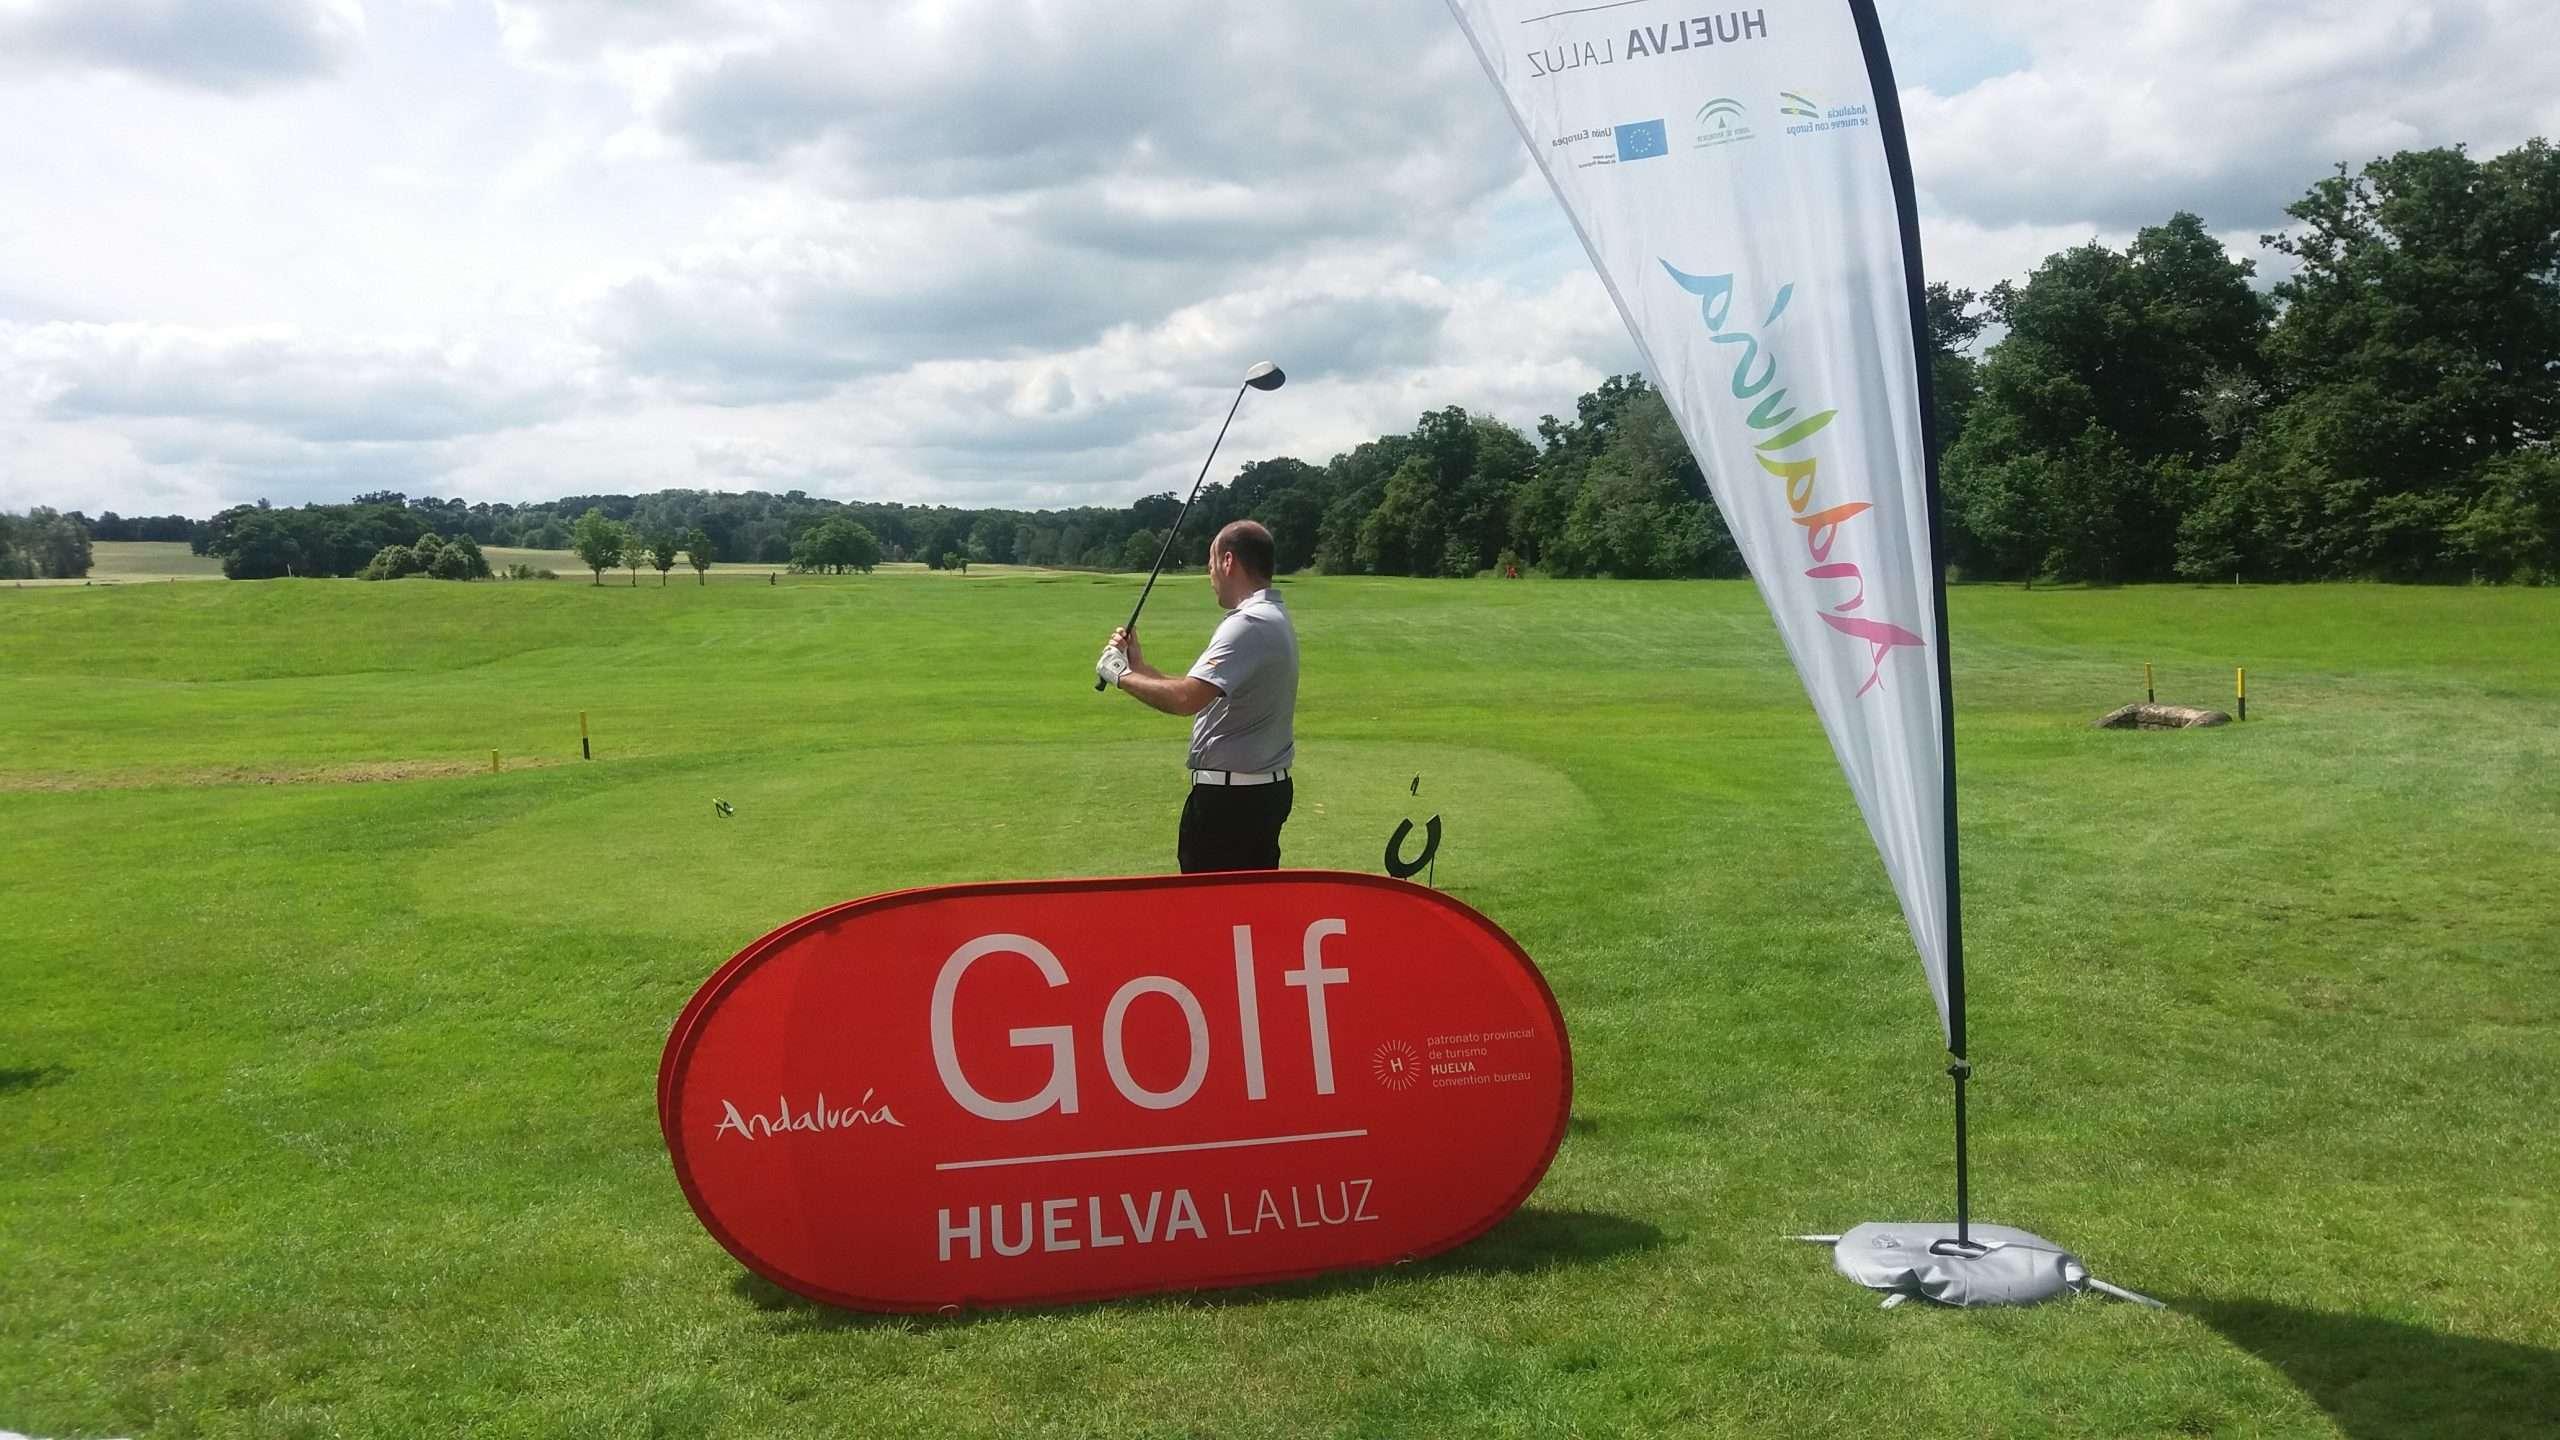 Huelva acoge una nueva edición del Huelva la Luz International Golf Trophy